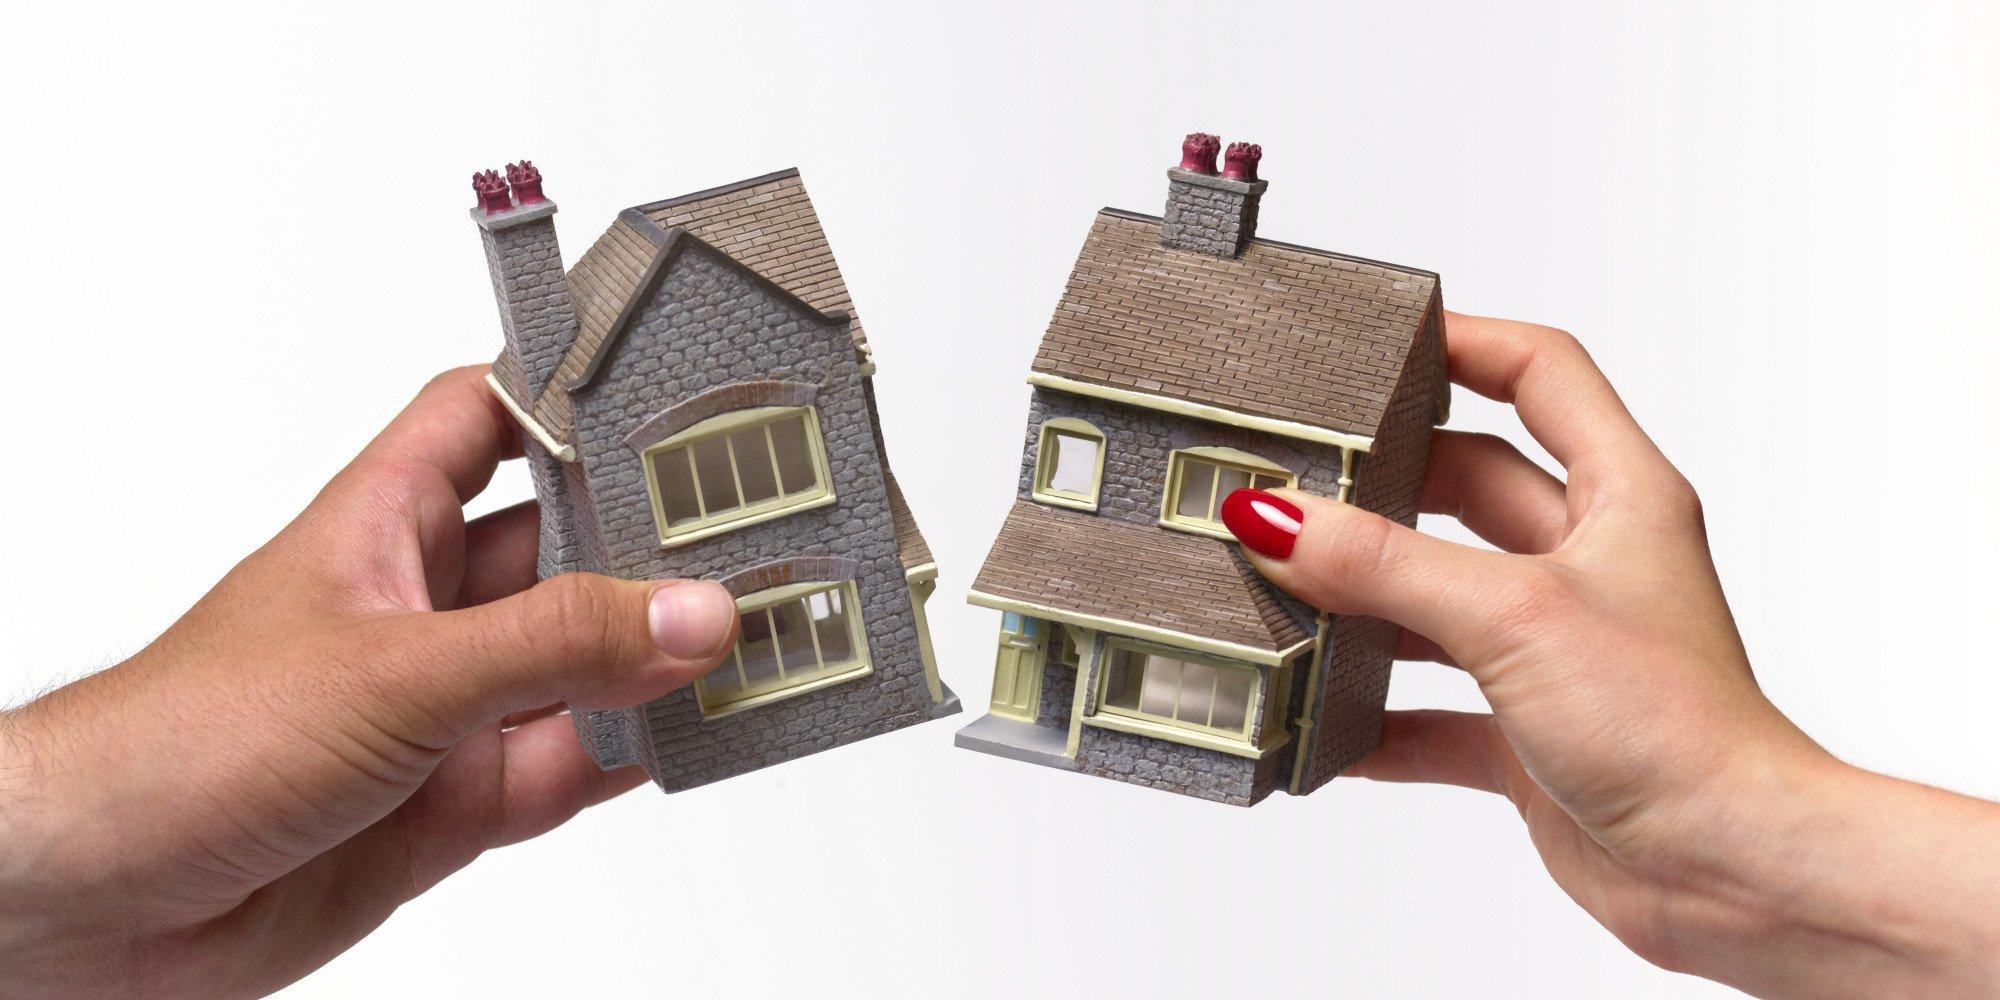 Образец договор приватизации комнаты в квартире мууниципальной собственности